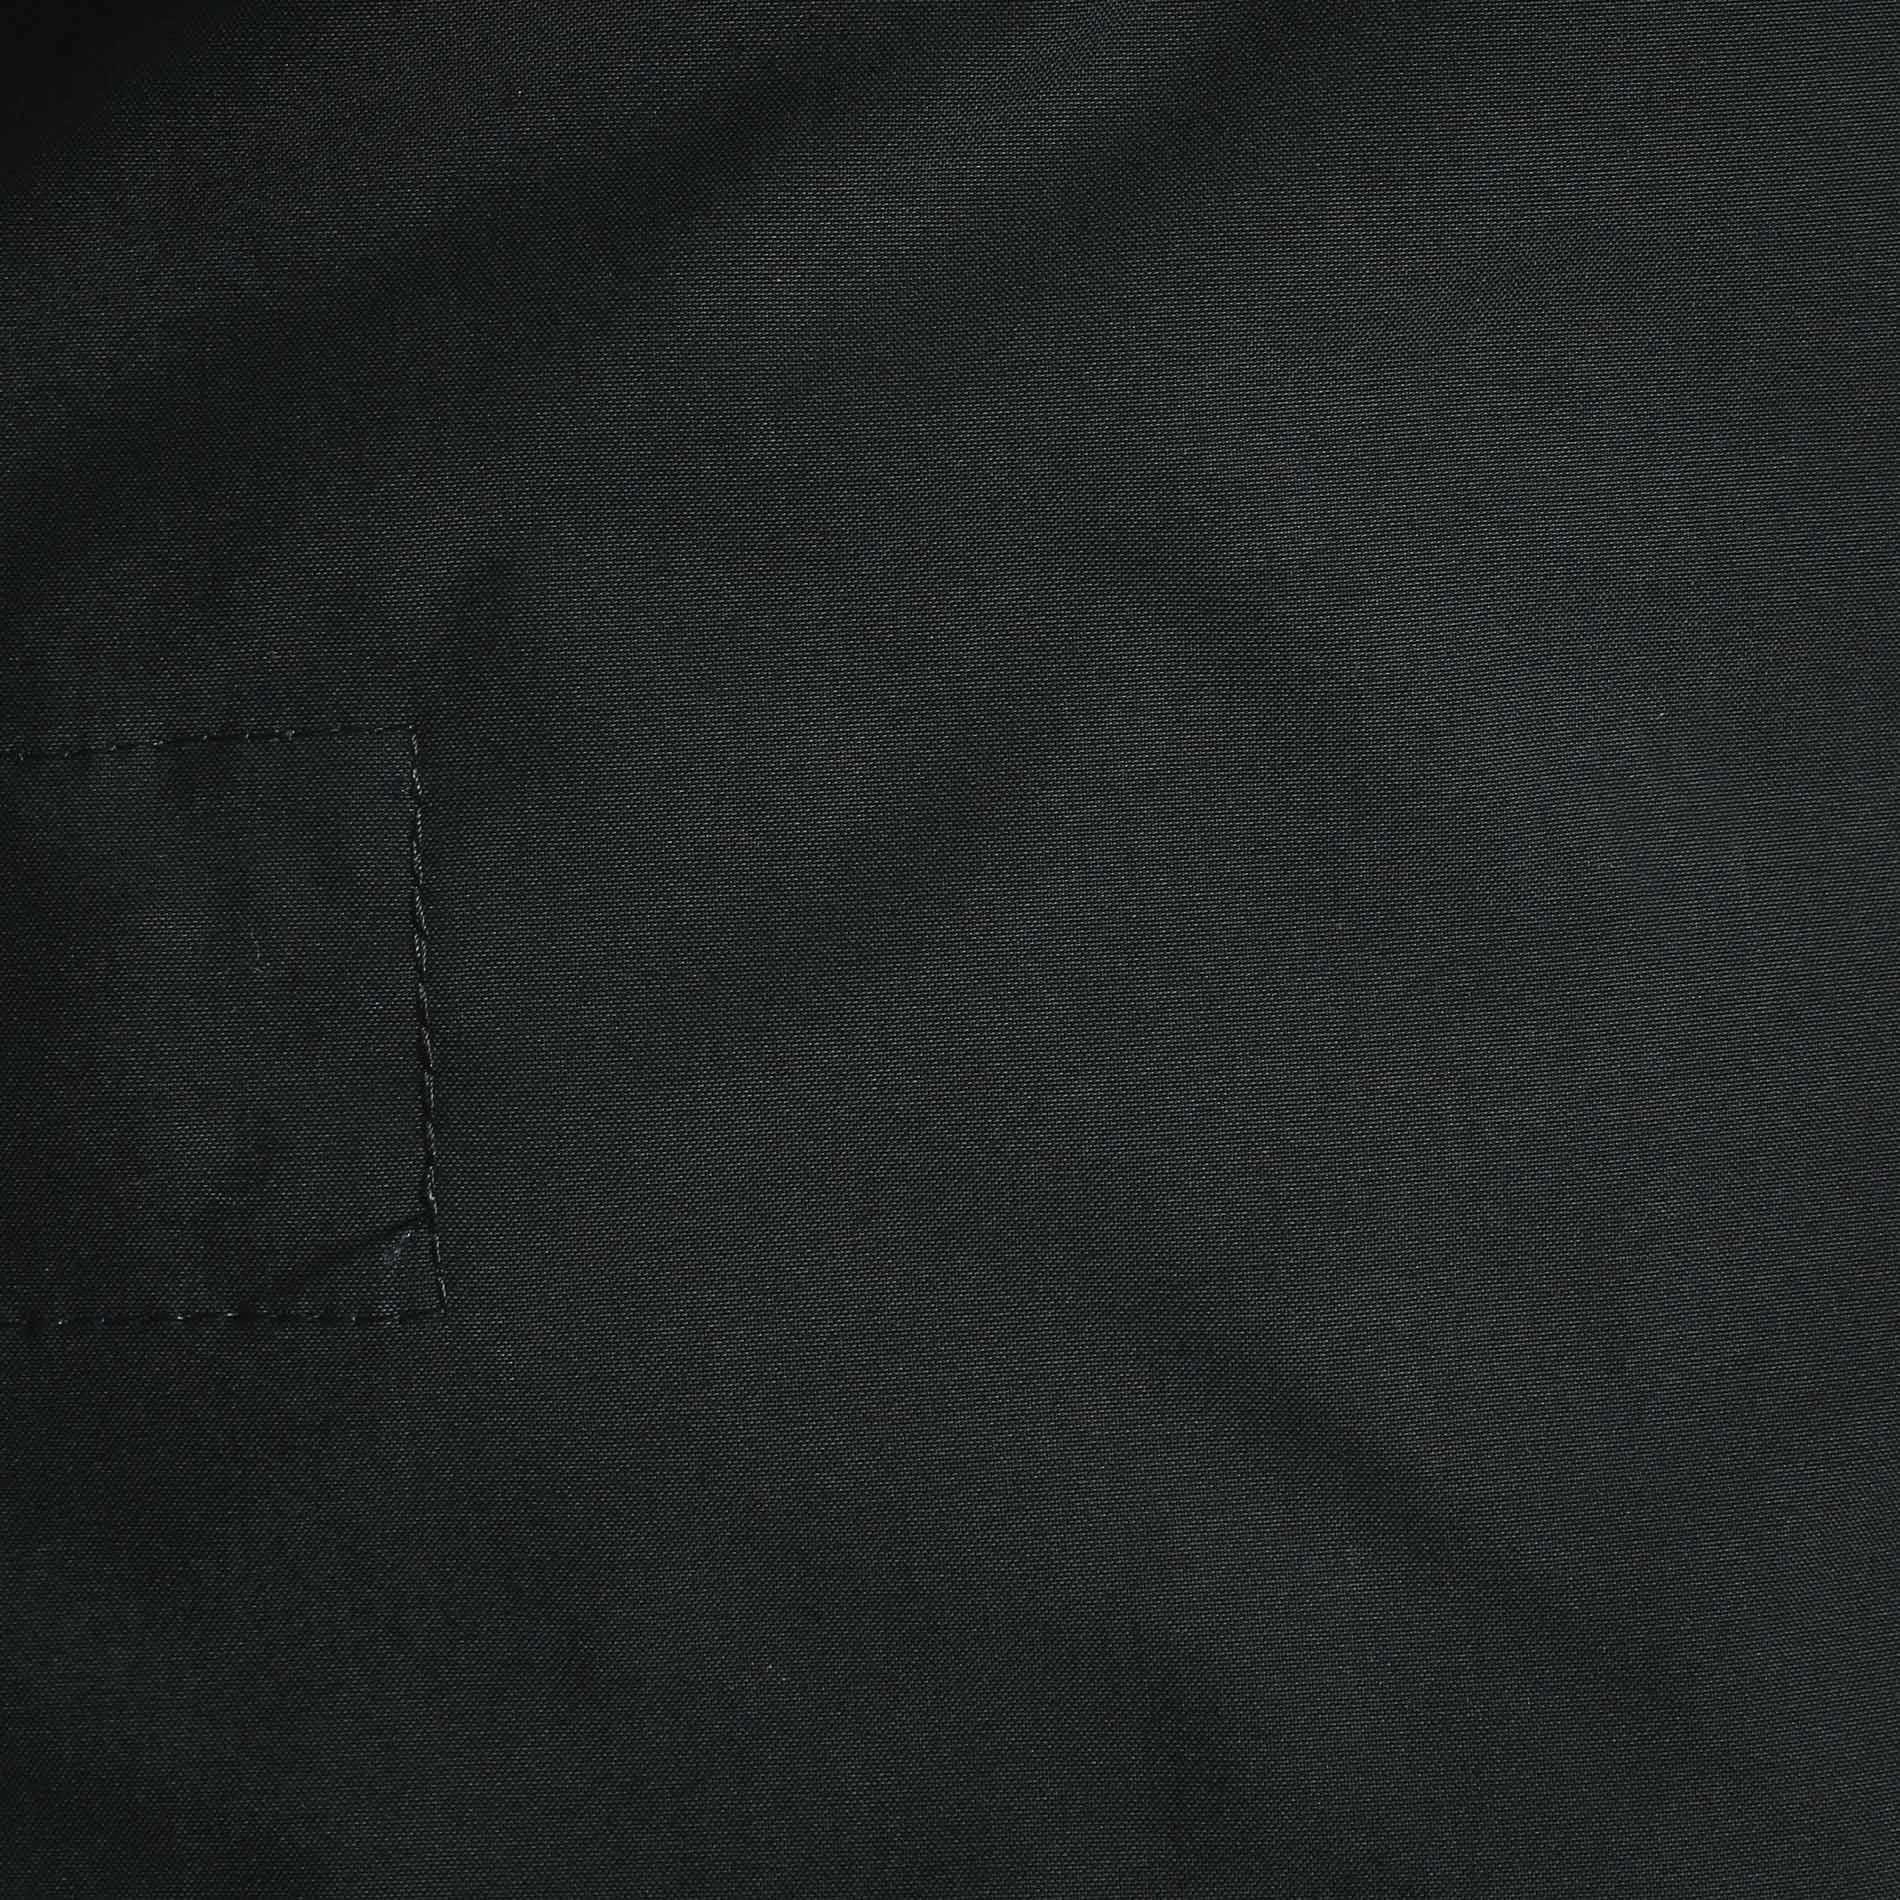 【BERWICK】強撚メモリーストレッチブルゾン